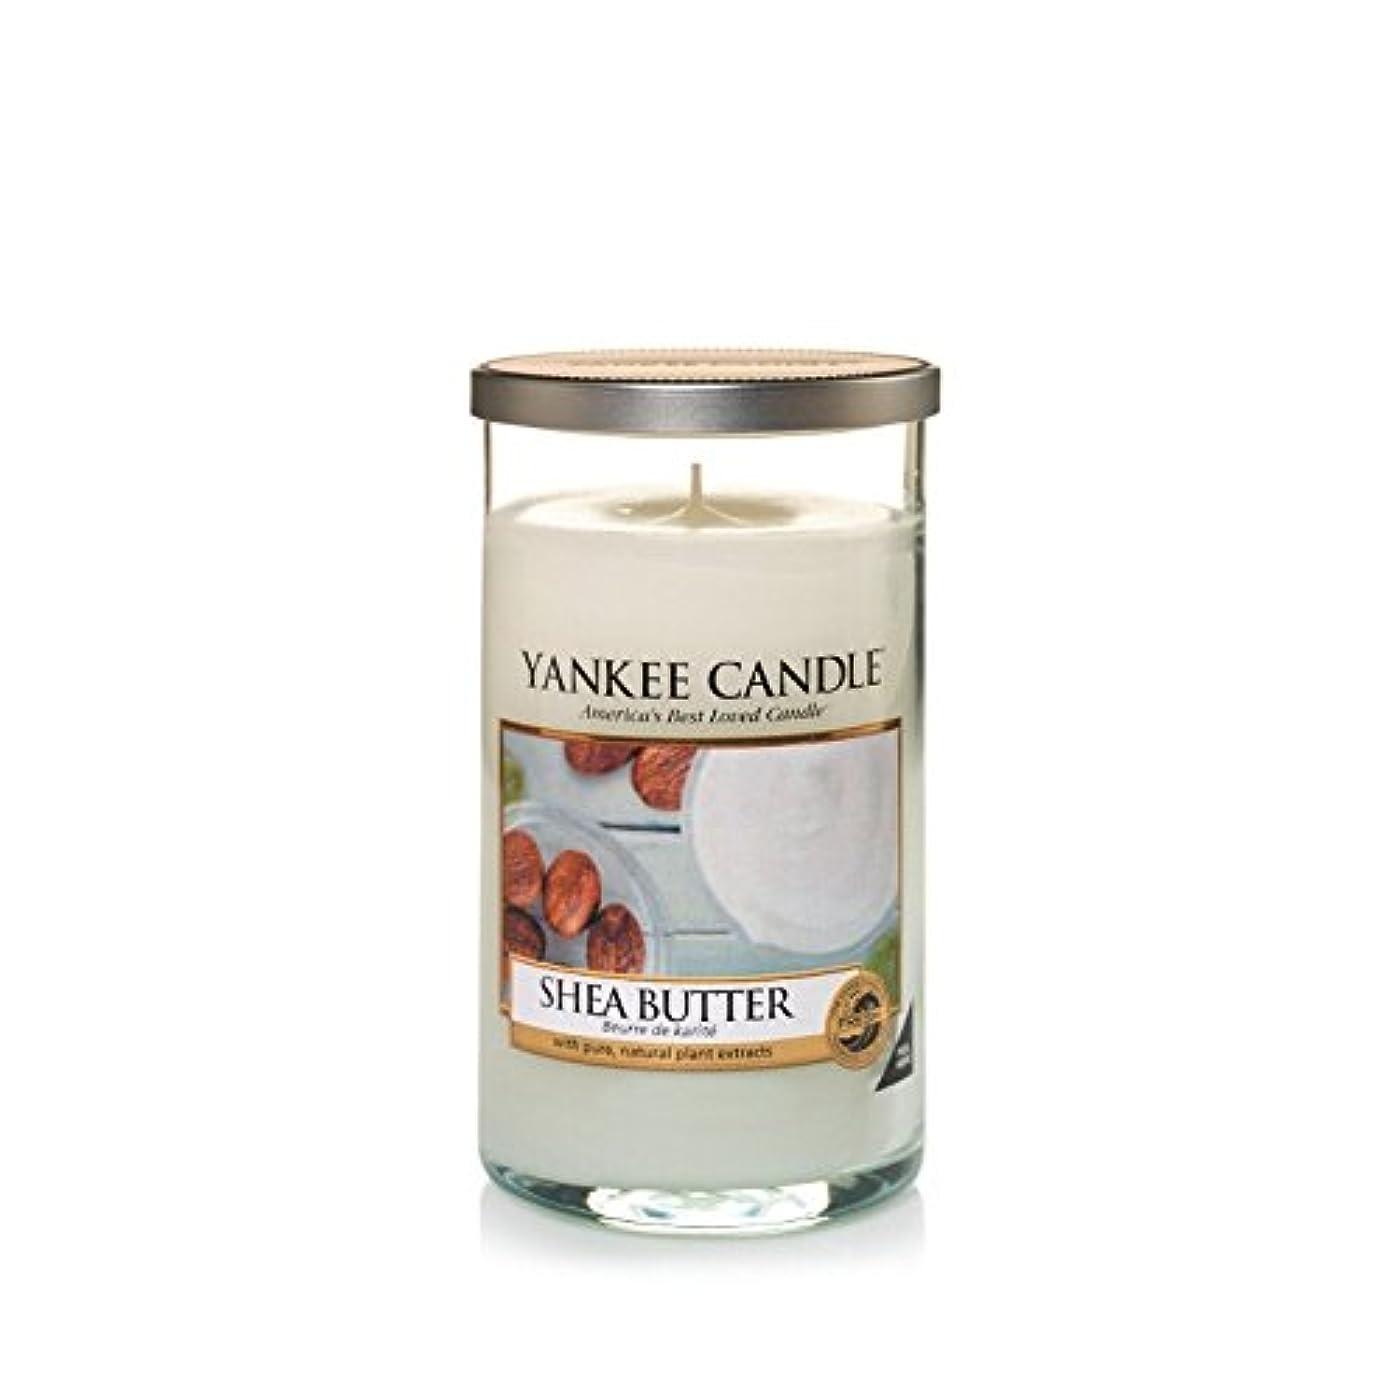 のスコア変形輪郭ヤンキーキャンドルメディアピラーキャンドル - シアバター - Yankee Candles Medium Pillar Candle - Shea Butter (Yankee Candles) [並行輸入品]